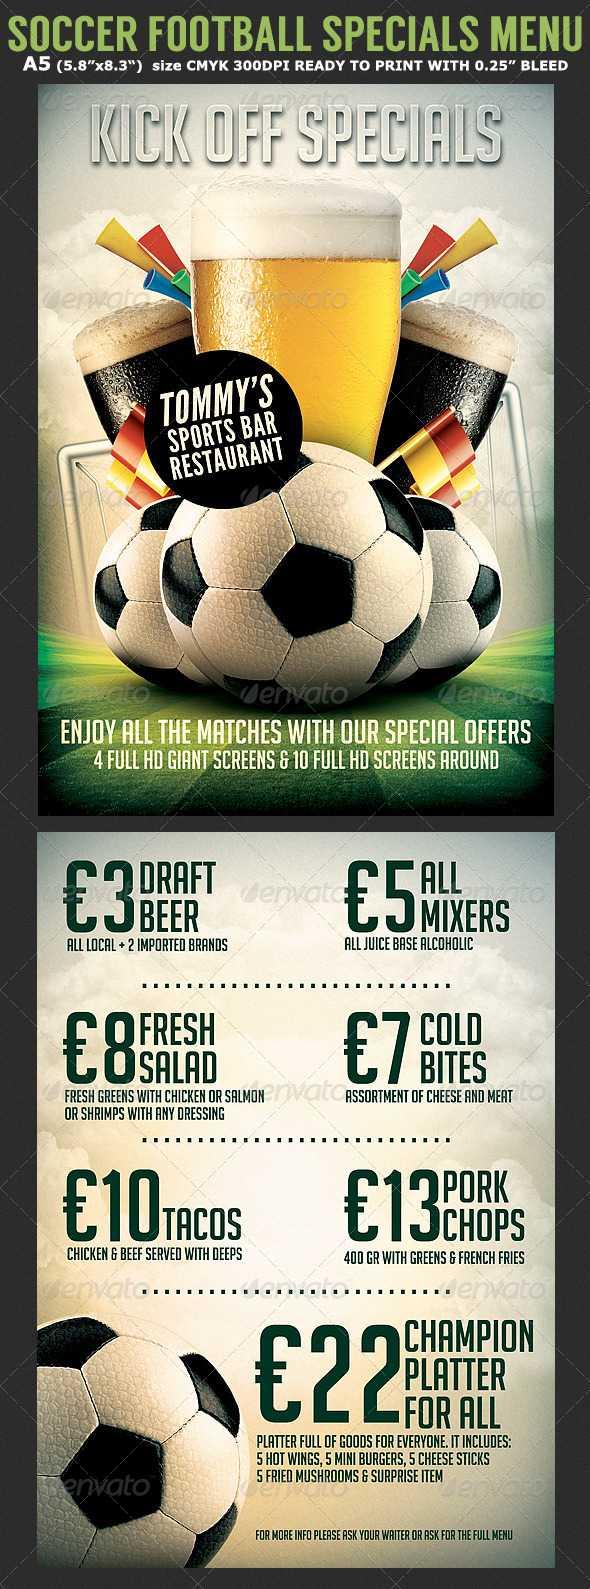 Bar Menu Template Graphics, Designs & Templates Regarding Football Menu Templates